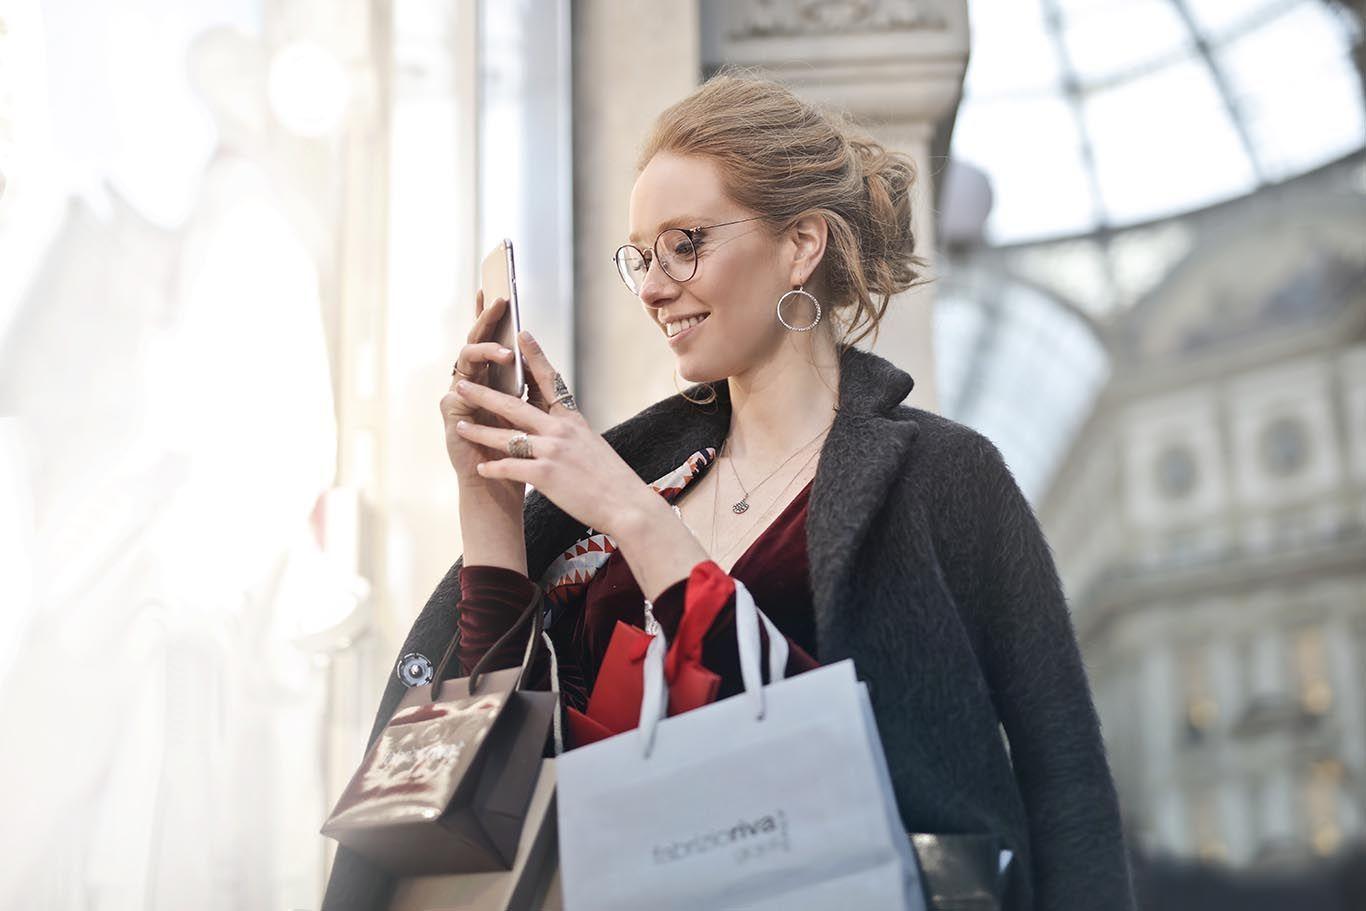 Cerdas hingga Cekatan, Cara Memegang Handphone Ungkap Kepribadianmu